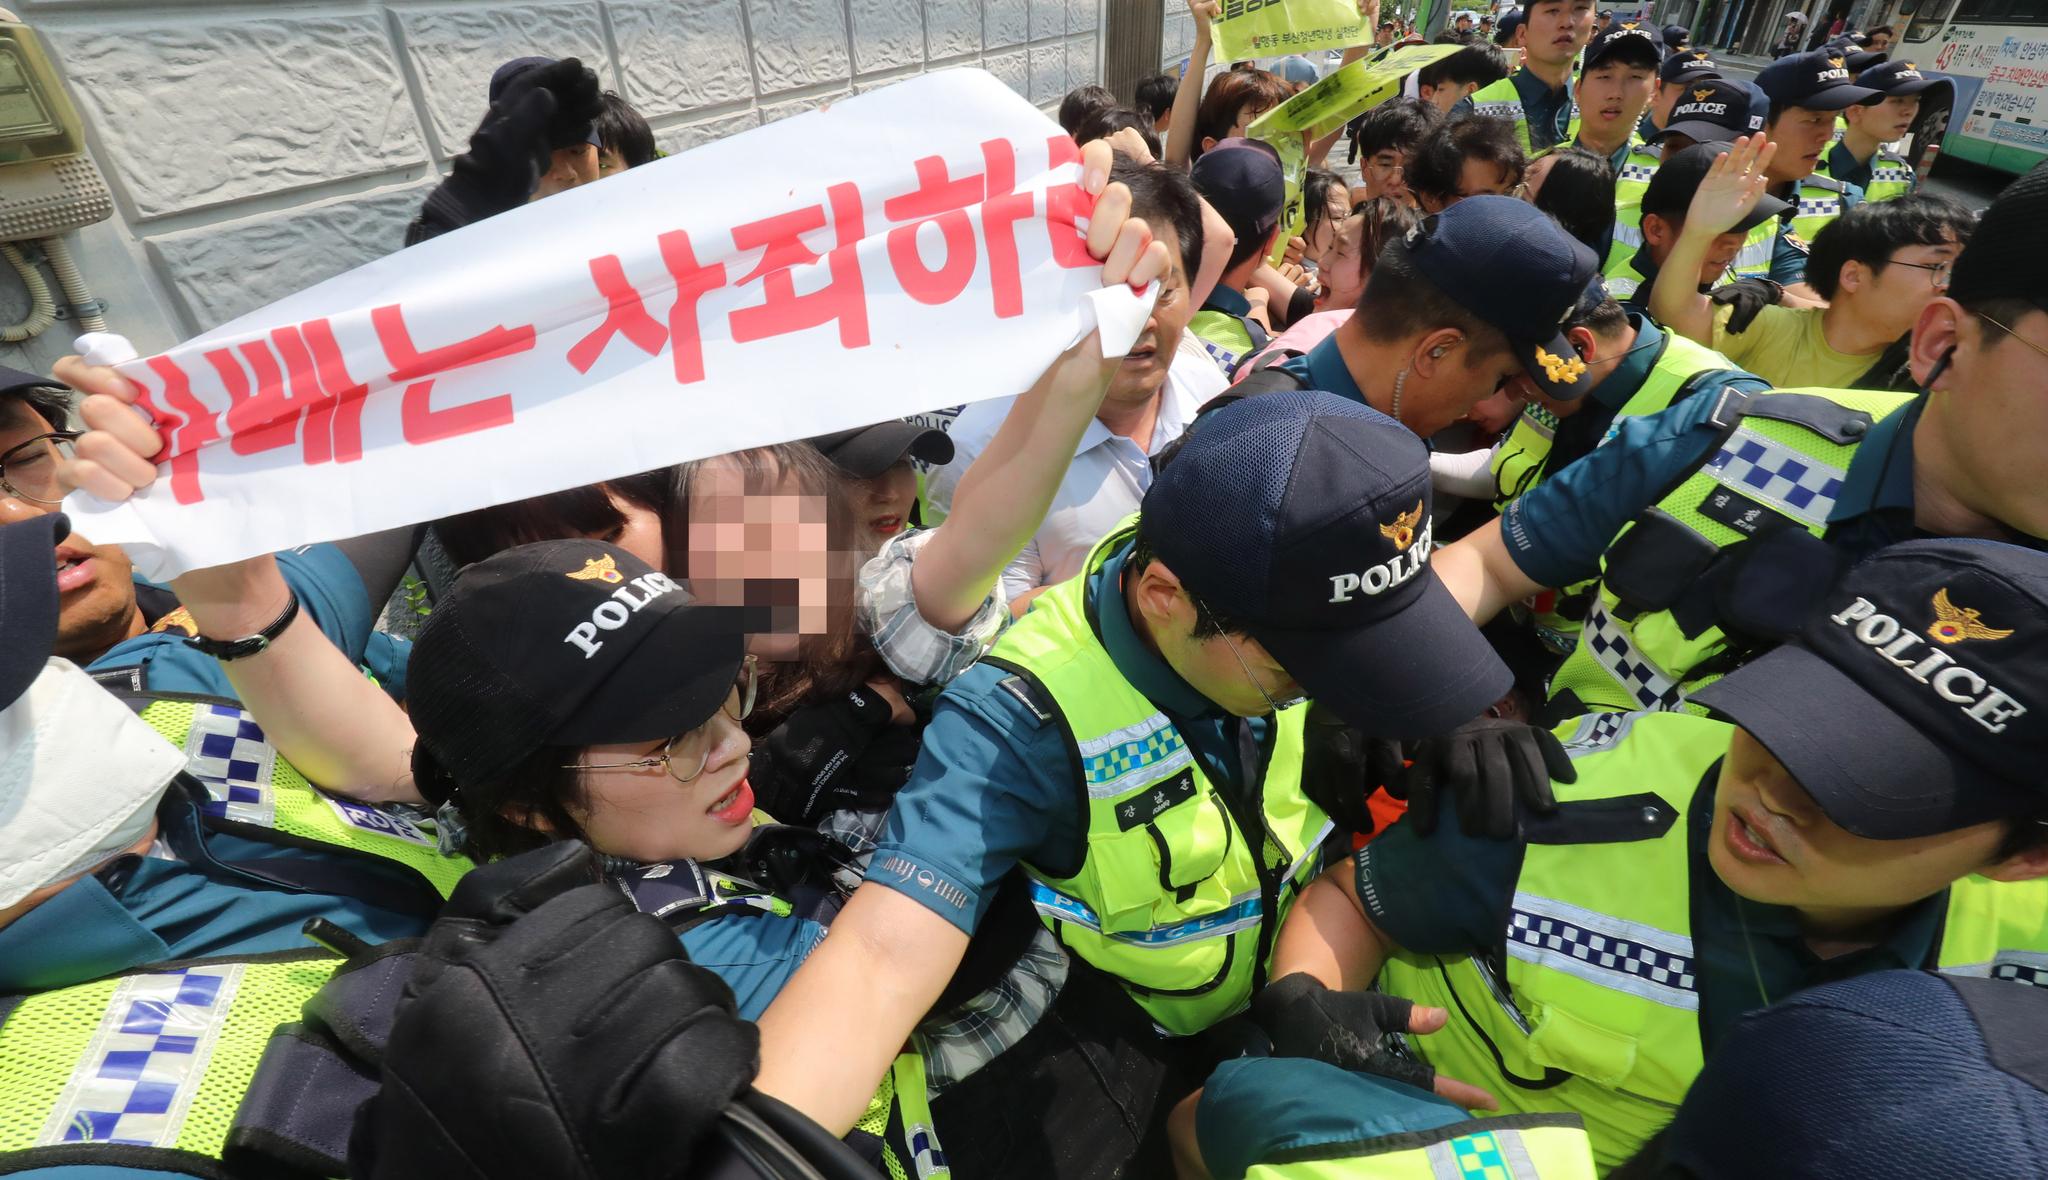 22일 오후 부산 동구 일본총영사관에 진입해 피켓 시위 등을 벌이던 반일부산청년학생실천단 소속 대학생 6명이 경찰에 연행되고 있다.송봉근 기자